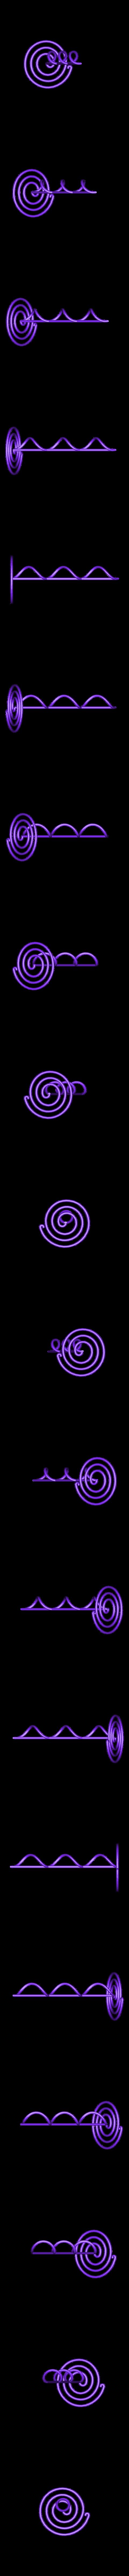 Servilletero.stl Télécharger fichier STL gratuit Rond de serviette Quaver • Plan à imprimer en 3D, davidbt96